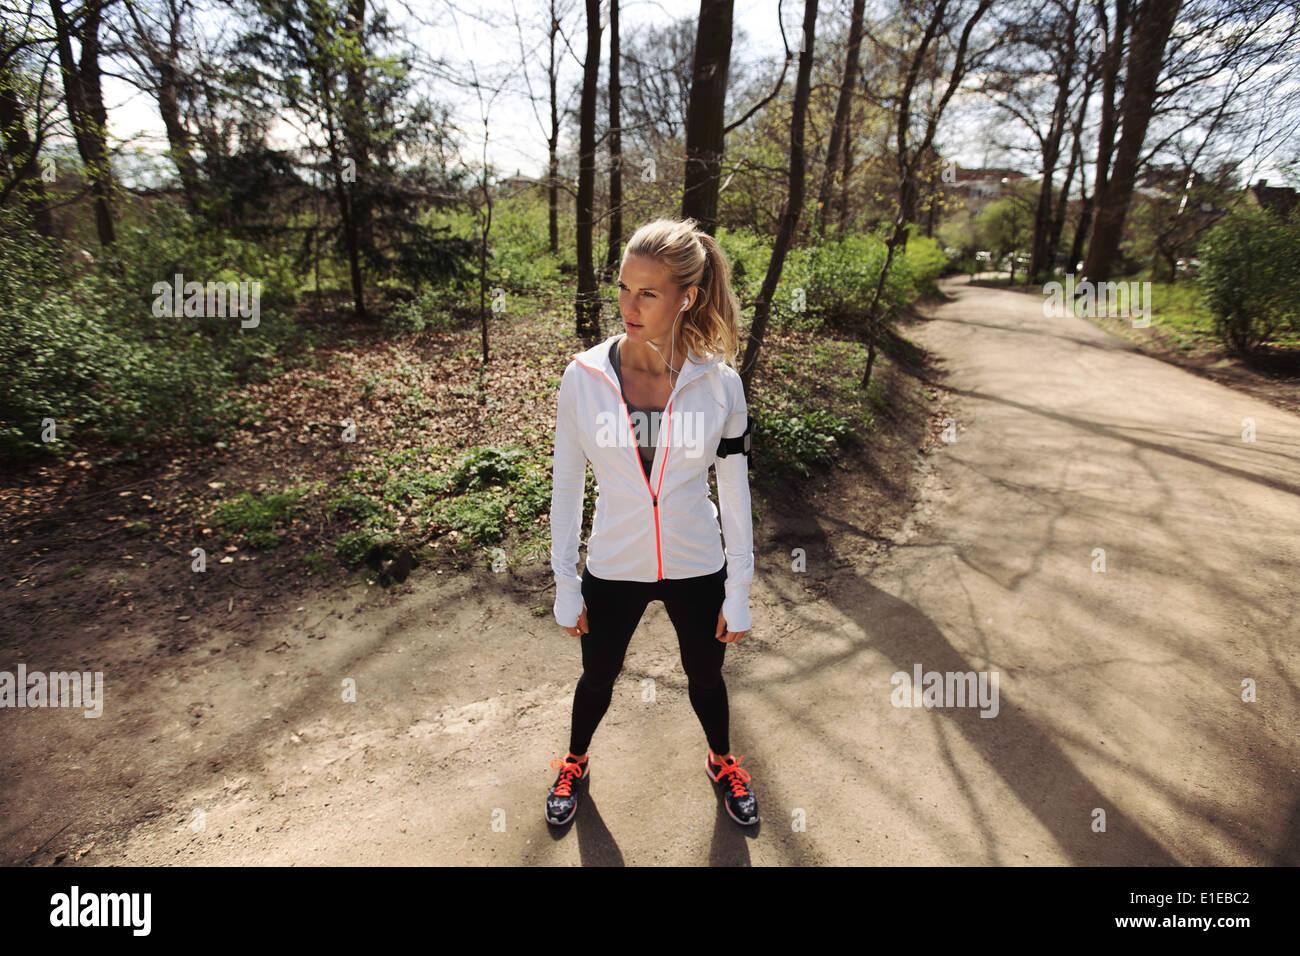 Giovane donna in esercizio abbigliamento in piedi su un sentiero forestale che guarda lontano. Femmina fitness all'aperto sulle sessioni di formazione. Immagini Stock